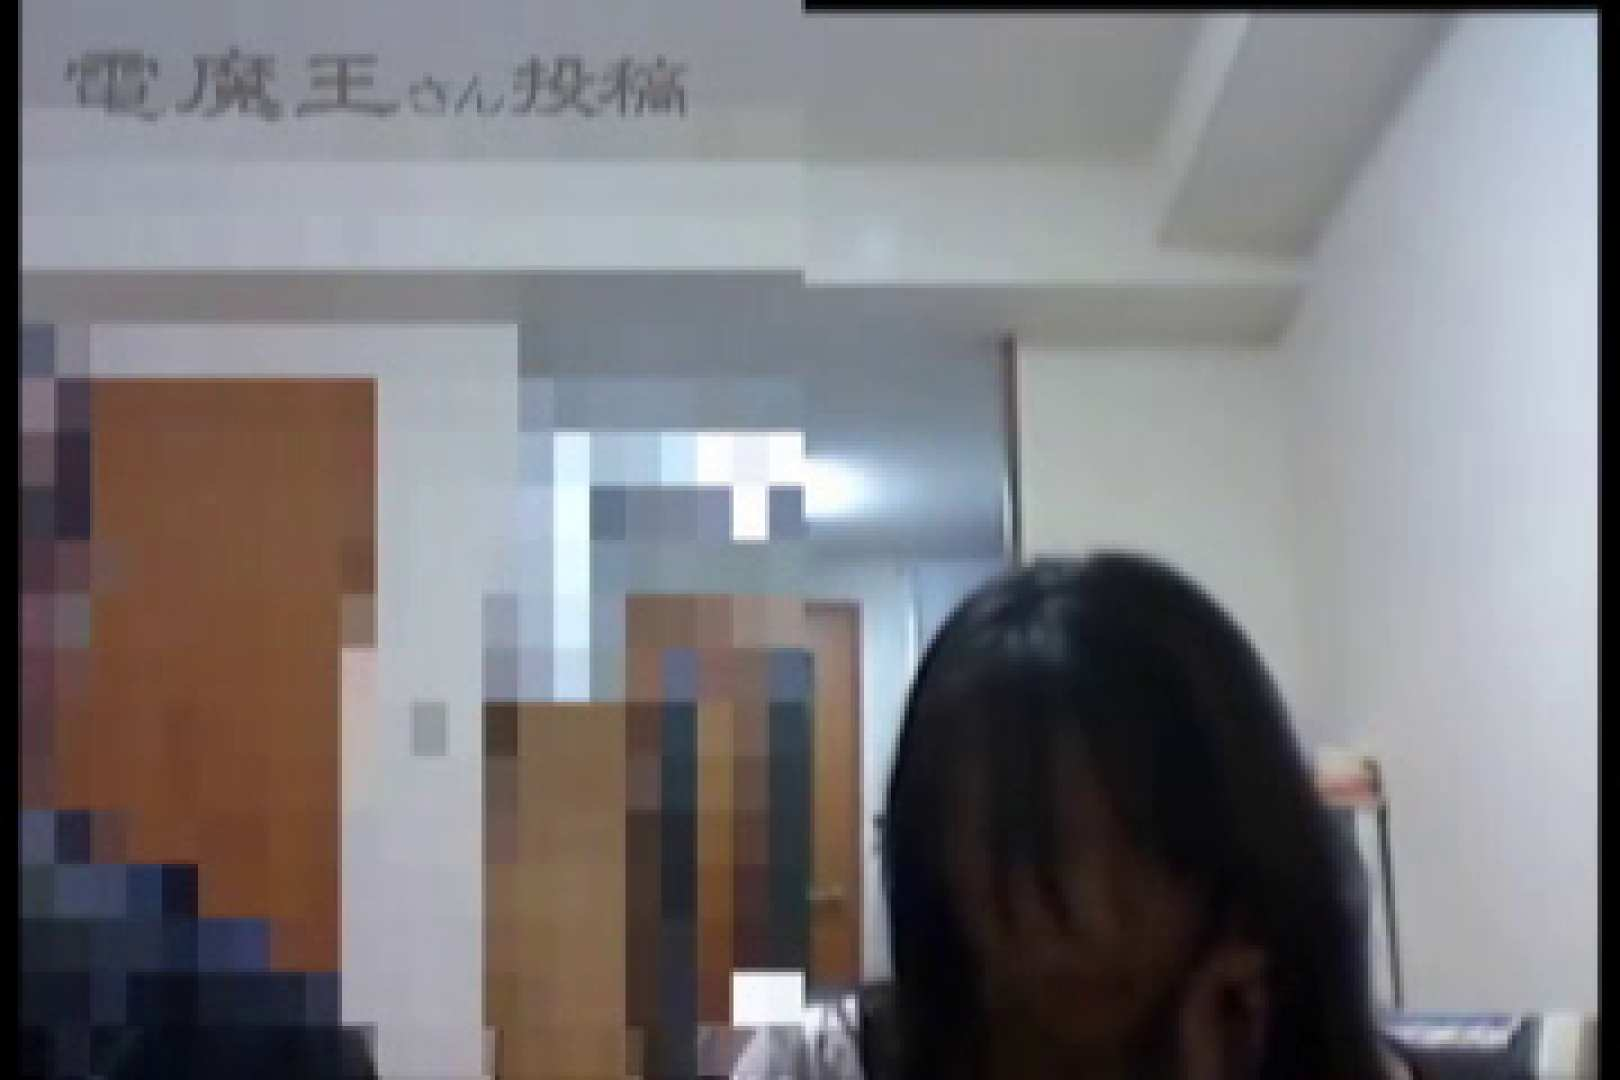 電魔王さんの「隠撮の部屋」ミーナ 0  105pic 27